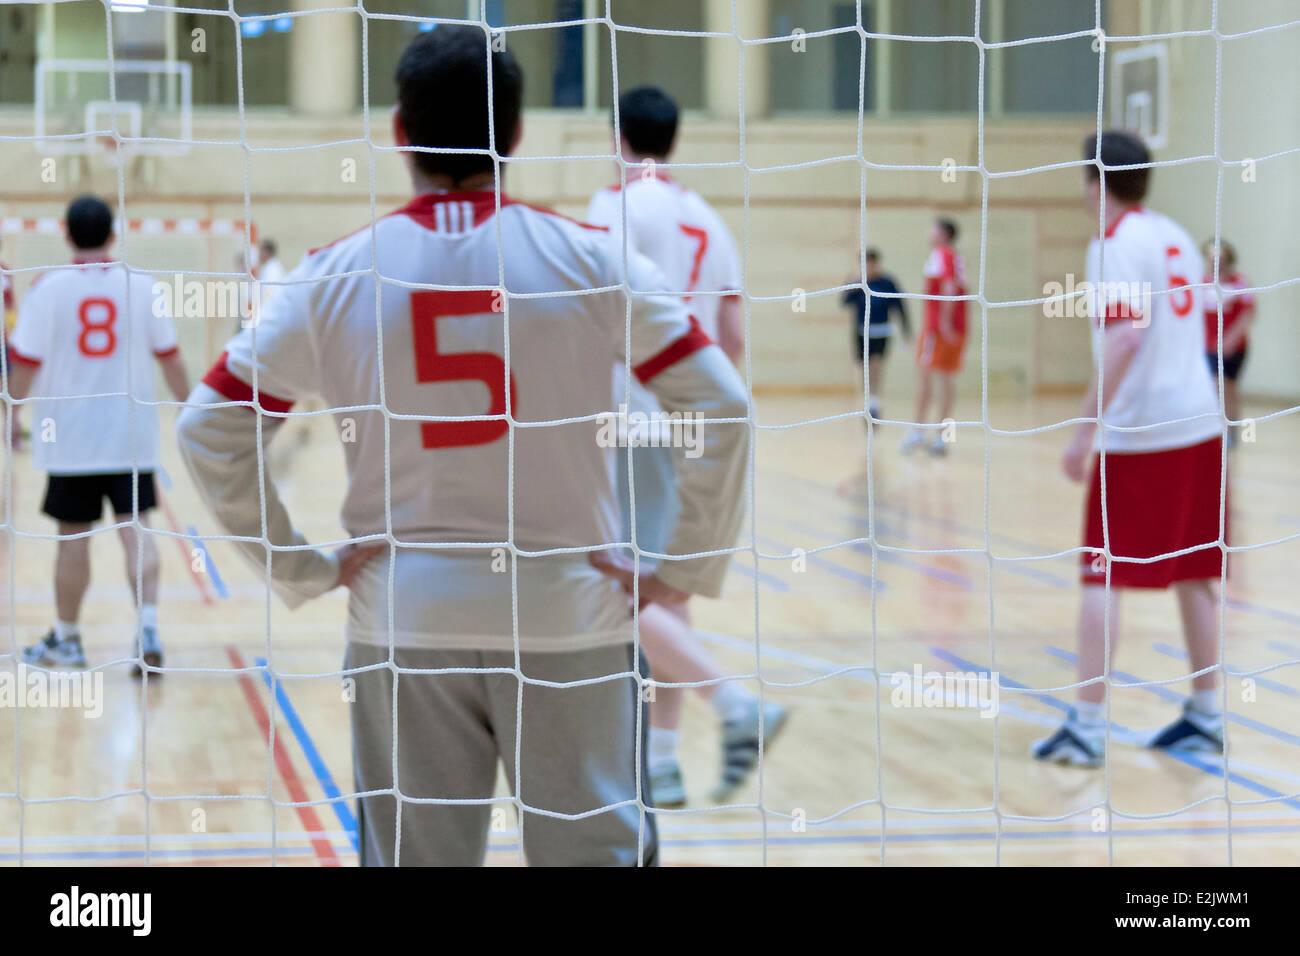 Behind goal of indoor team sport - Stock Image